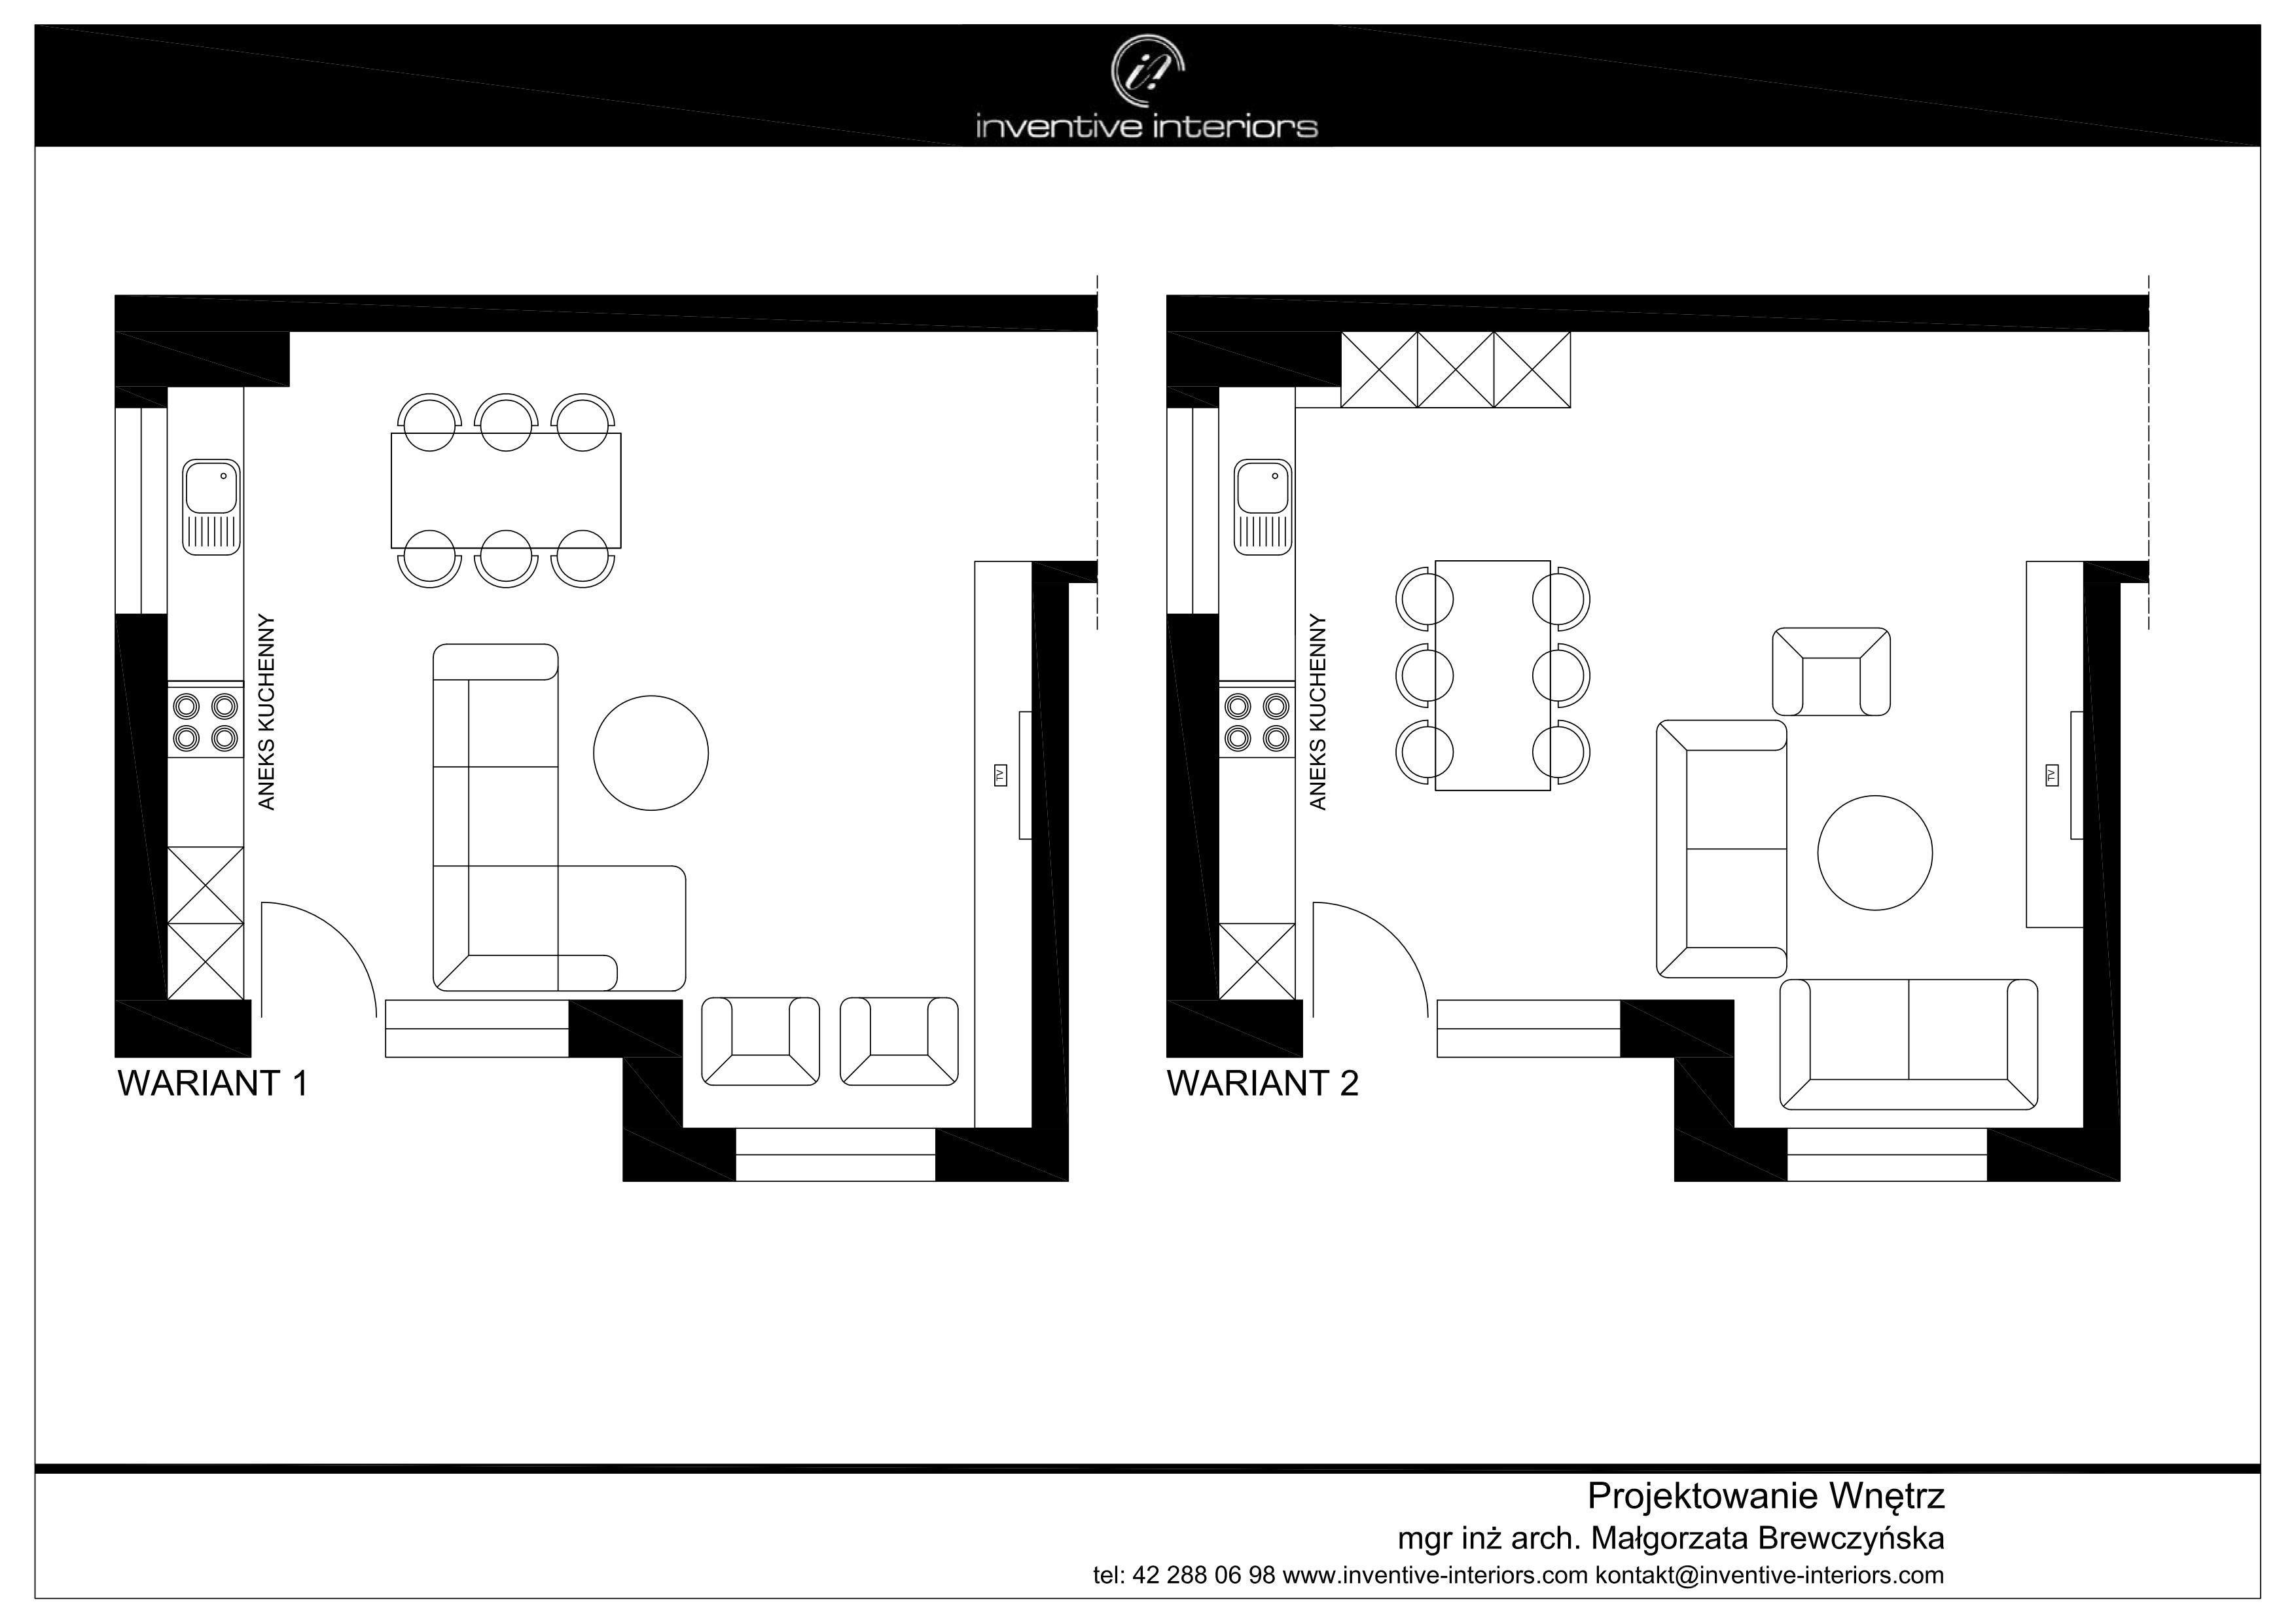 Proj. Inventive Interiors